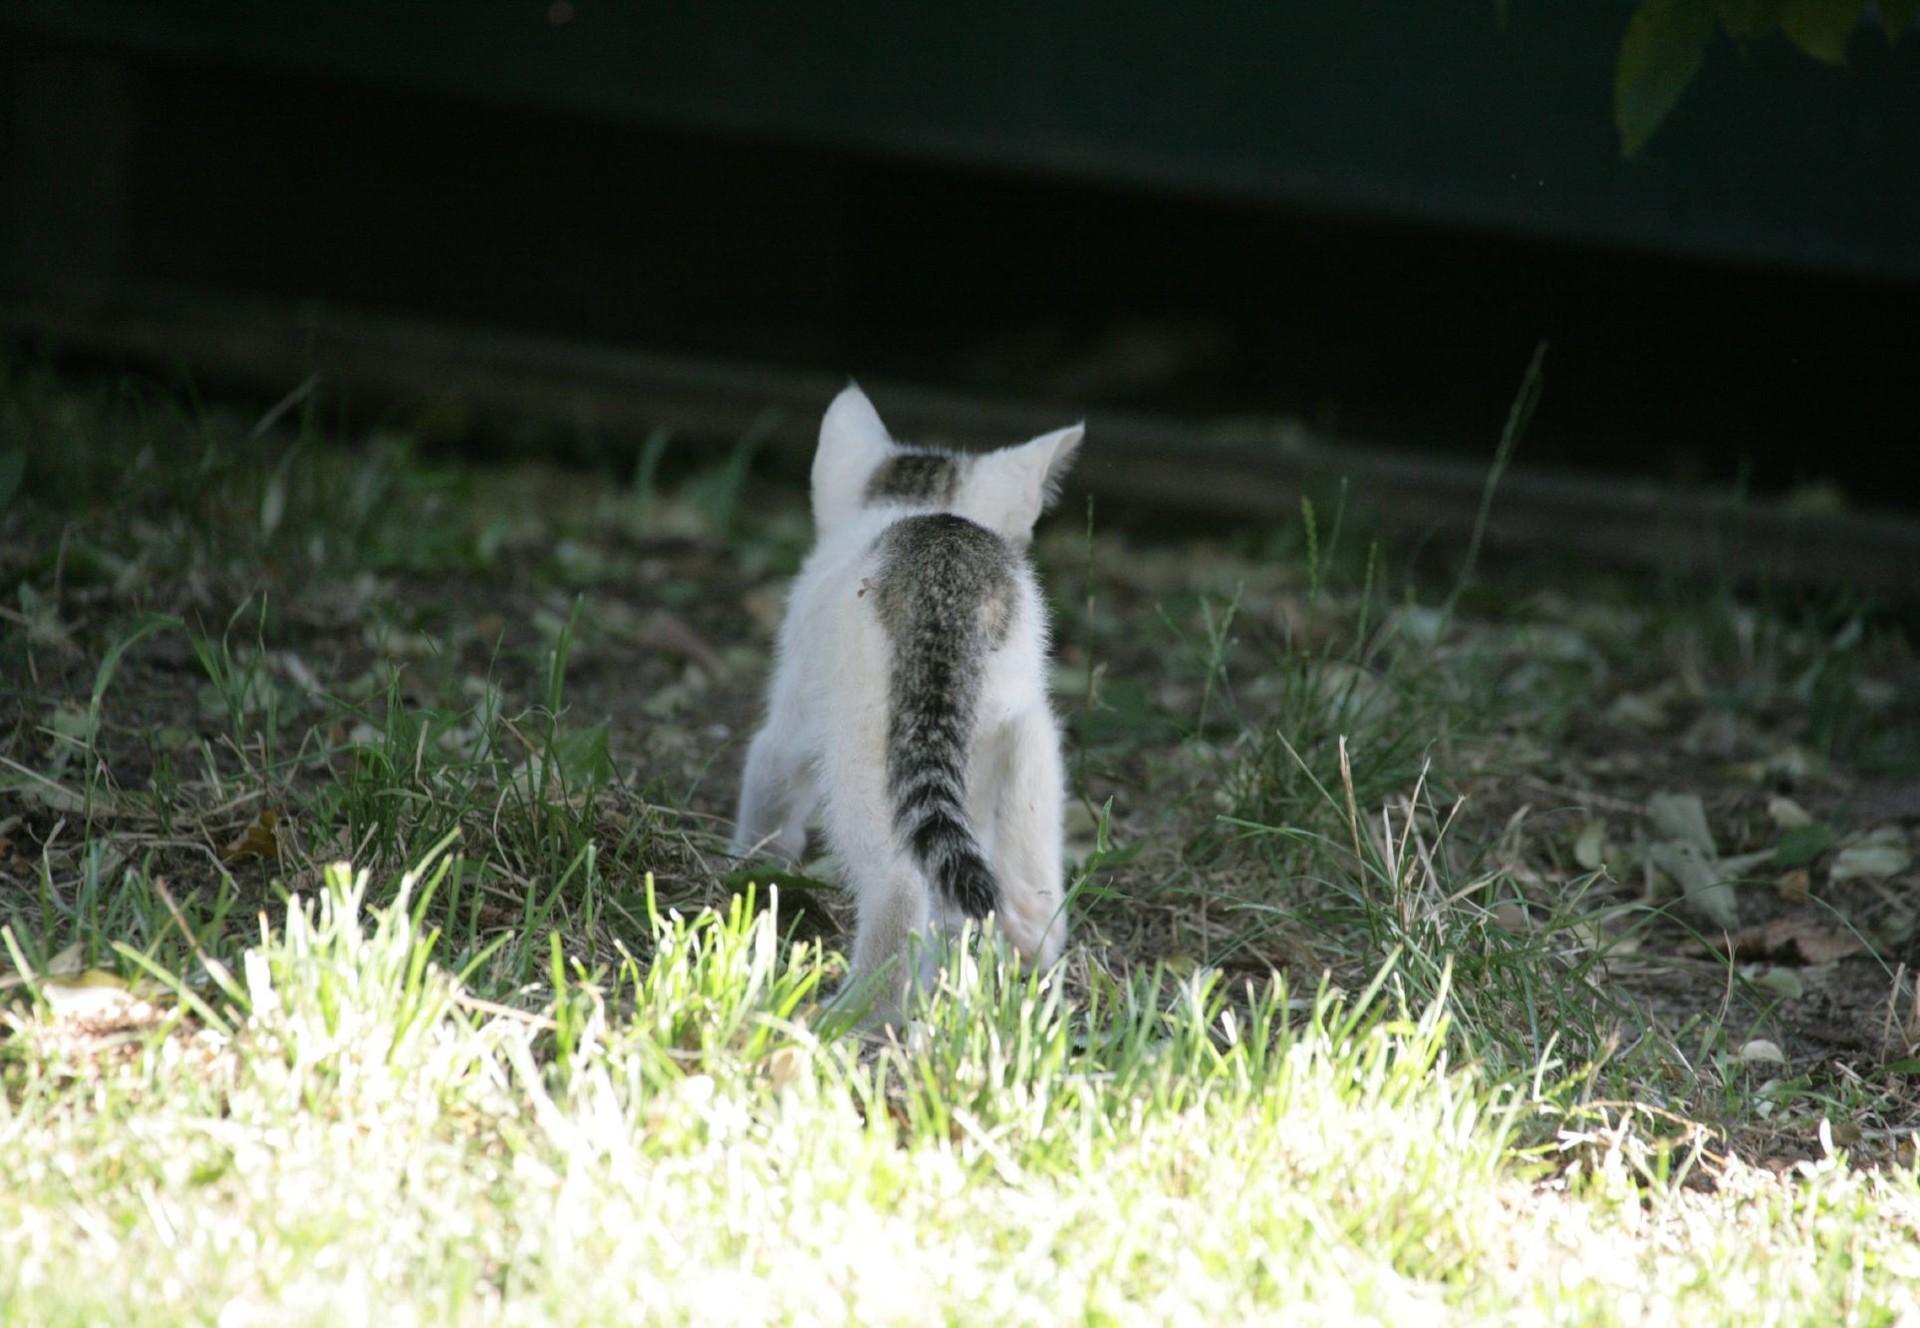 Verpiss dich pflanze h lt katzen auf abstand ratgeber heimtiere publikationen unsere - Katzenklo im garten was tun ...